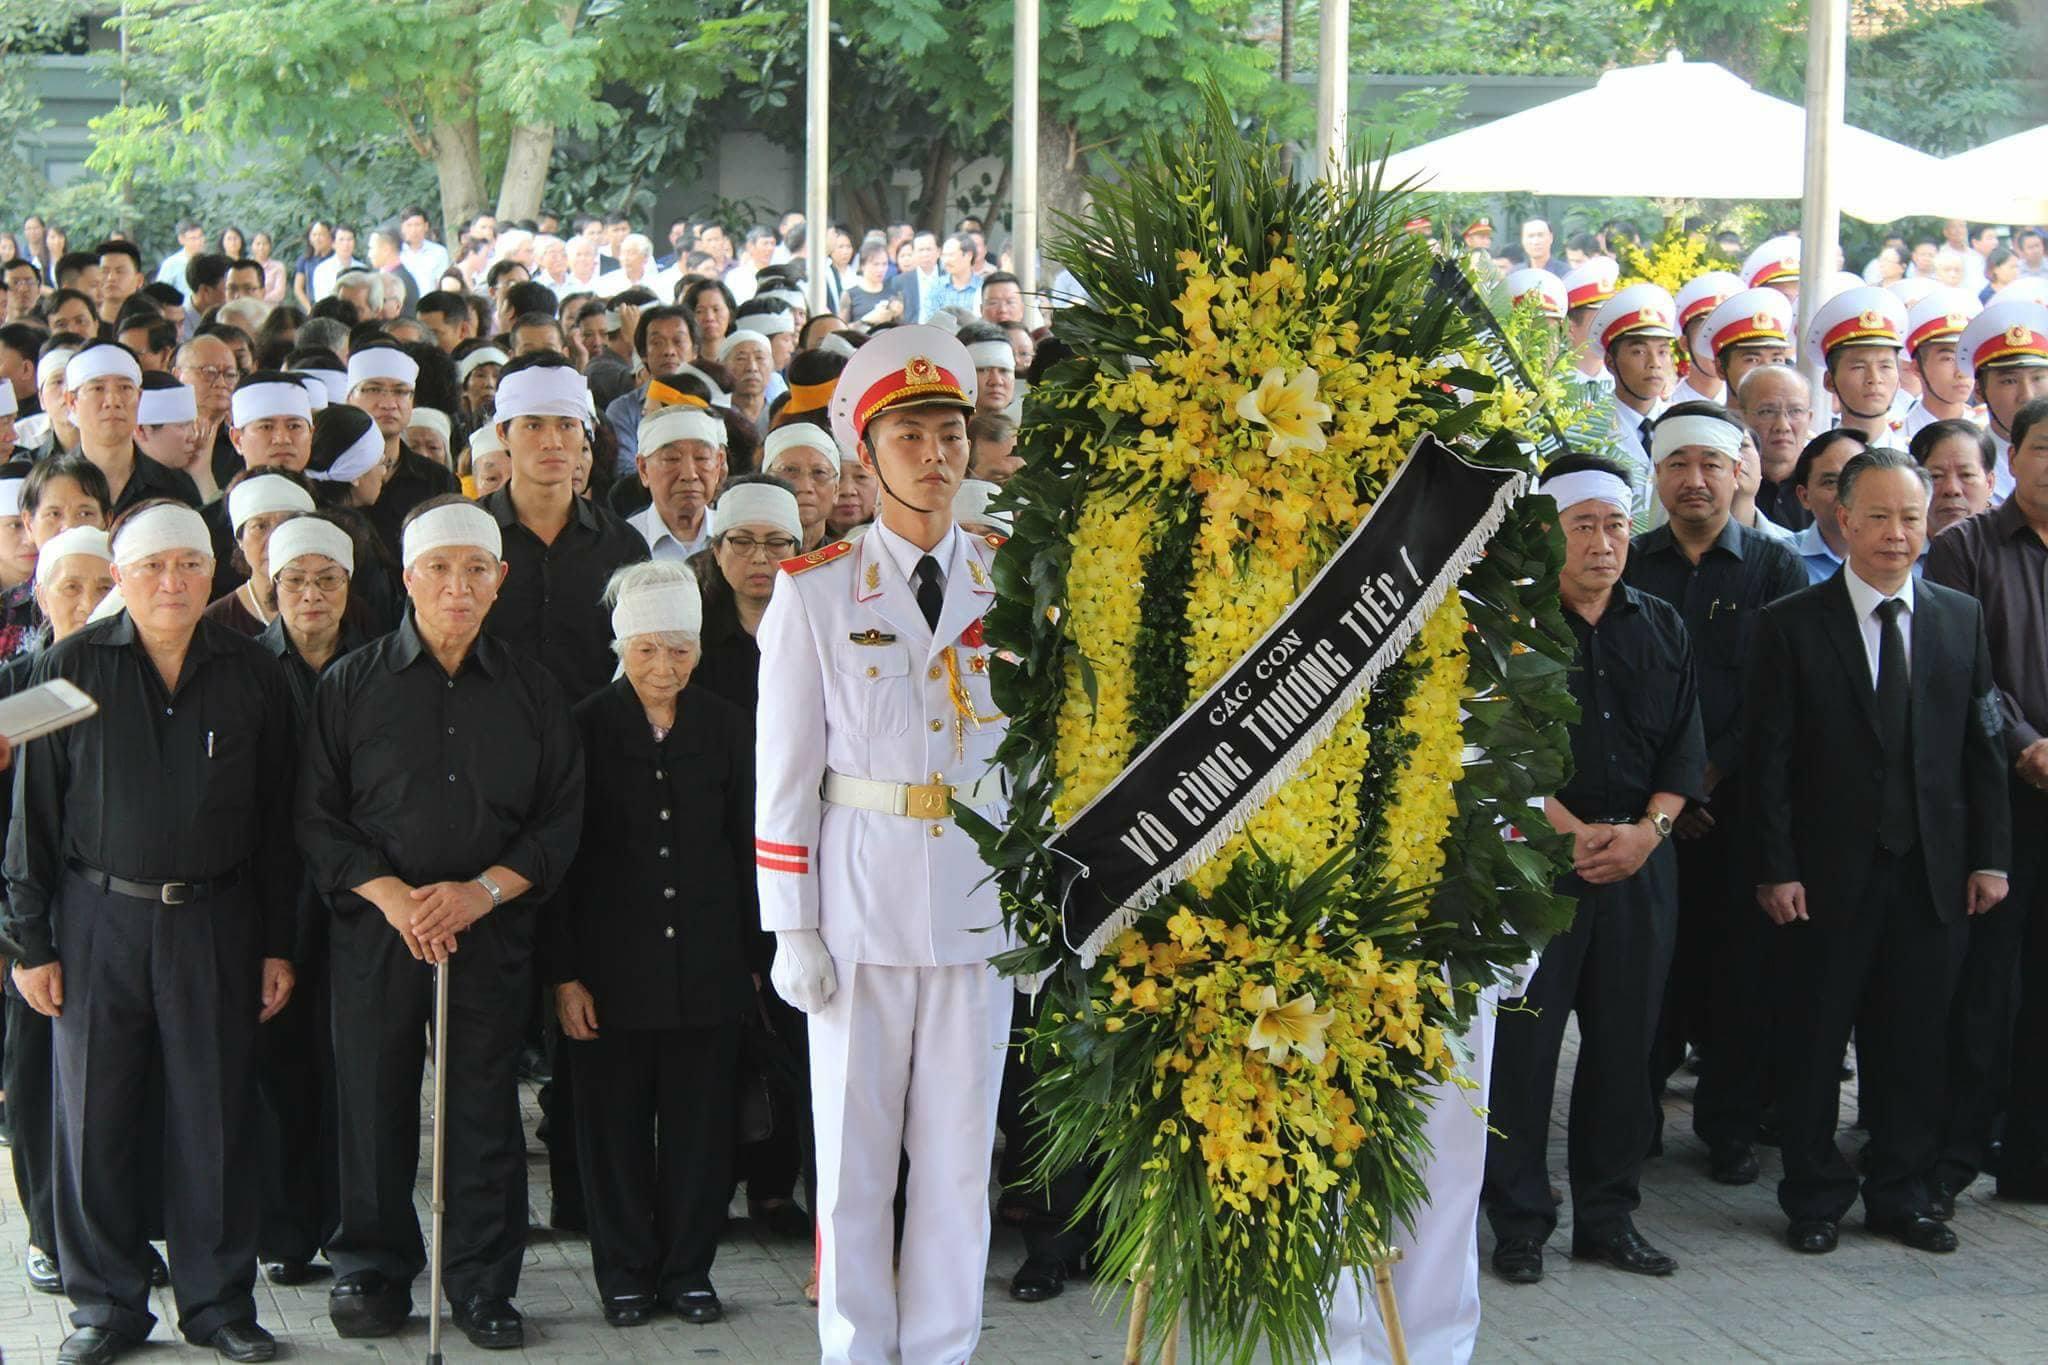 Phó Thủ tướng đến viếng cụ Hoàng Thị Minh Hồ - người hiến 5.000 lượng vàng cho cách mạng - Ảnh 4